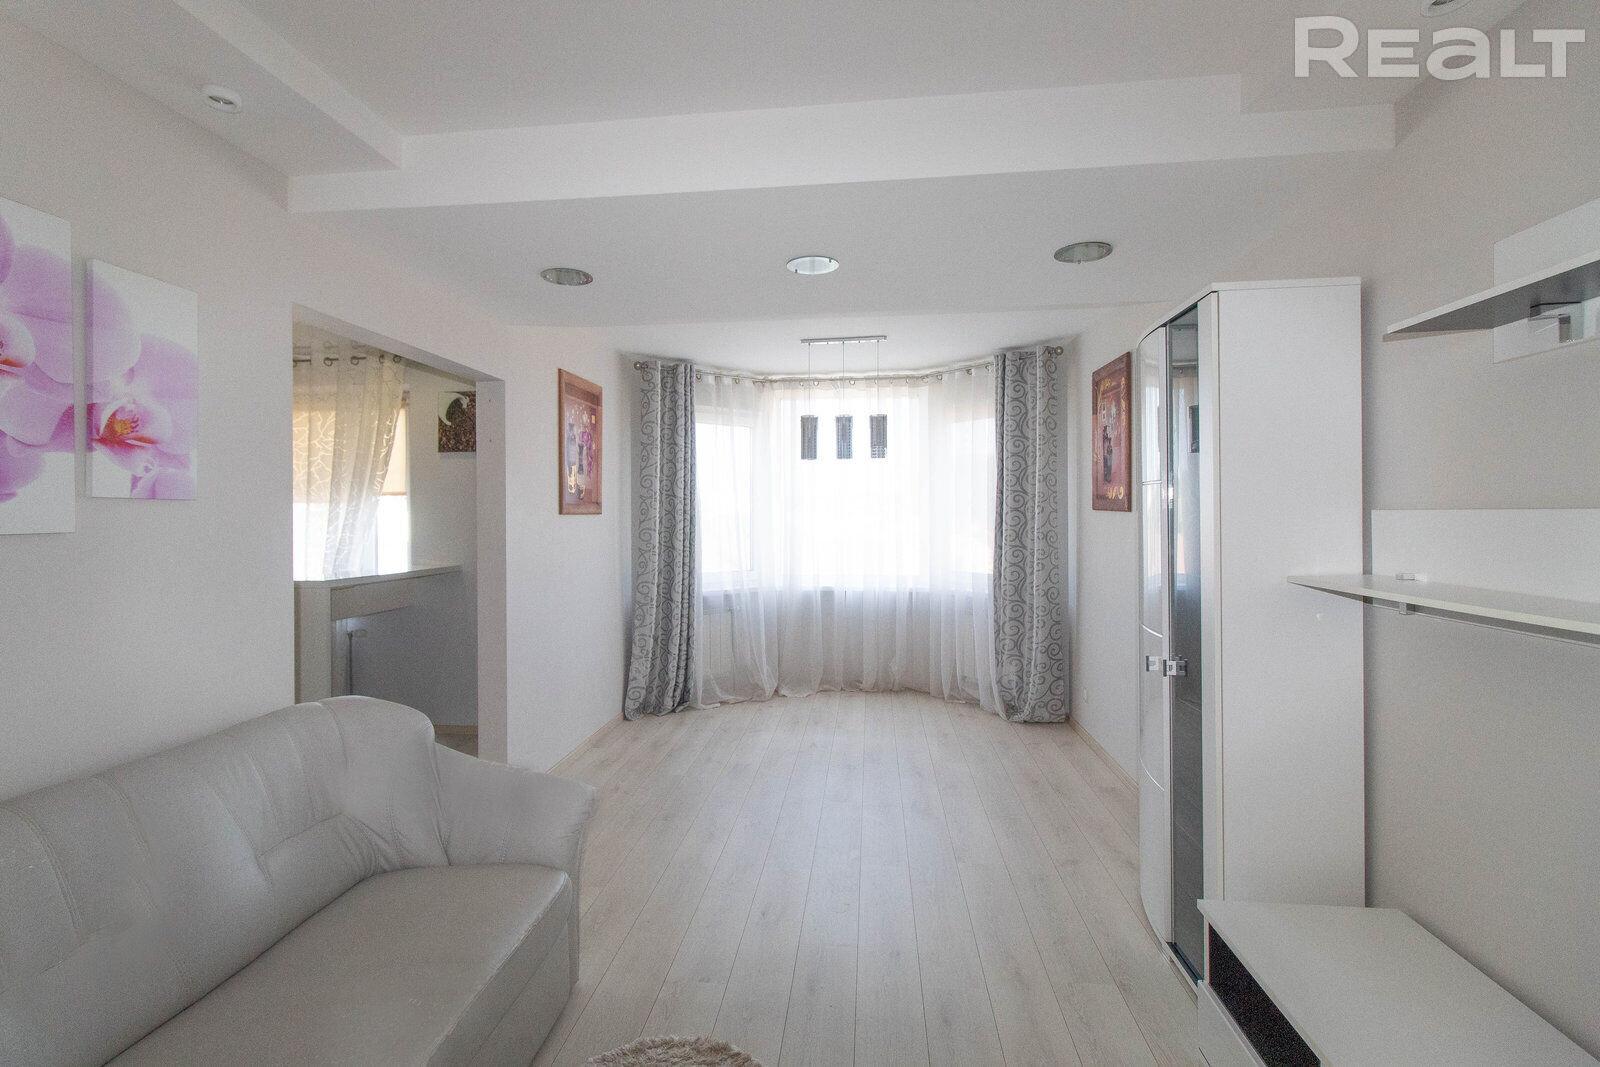 Продается 3-х комнатная квартира, Боровляны - фото №25